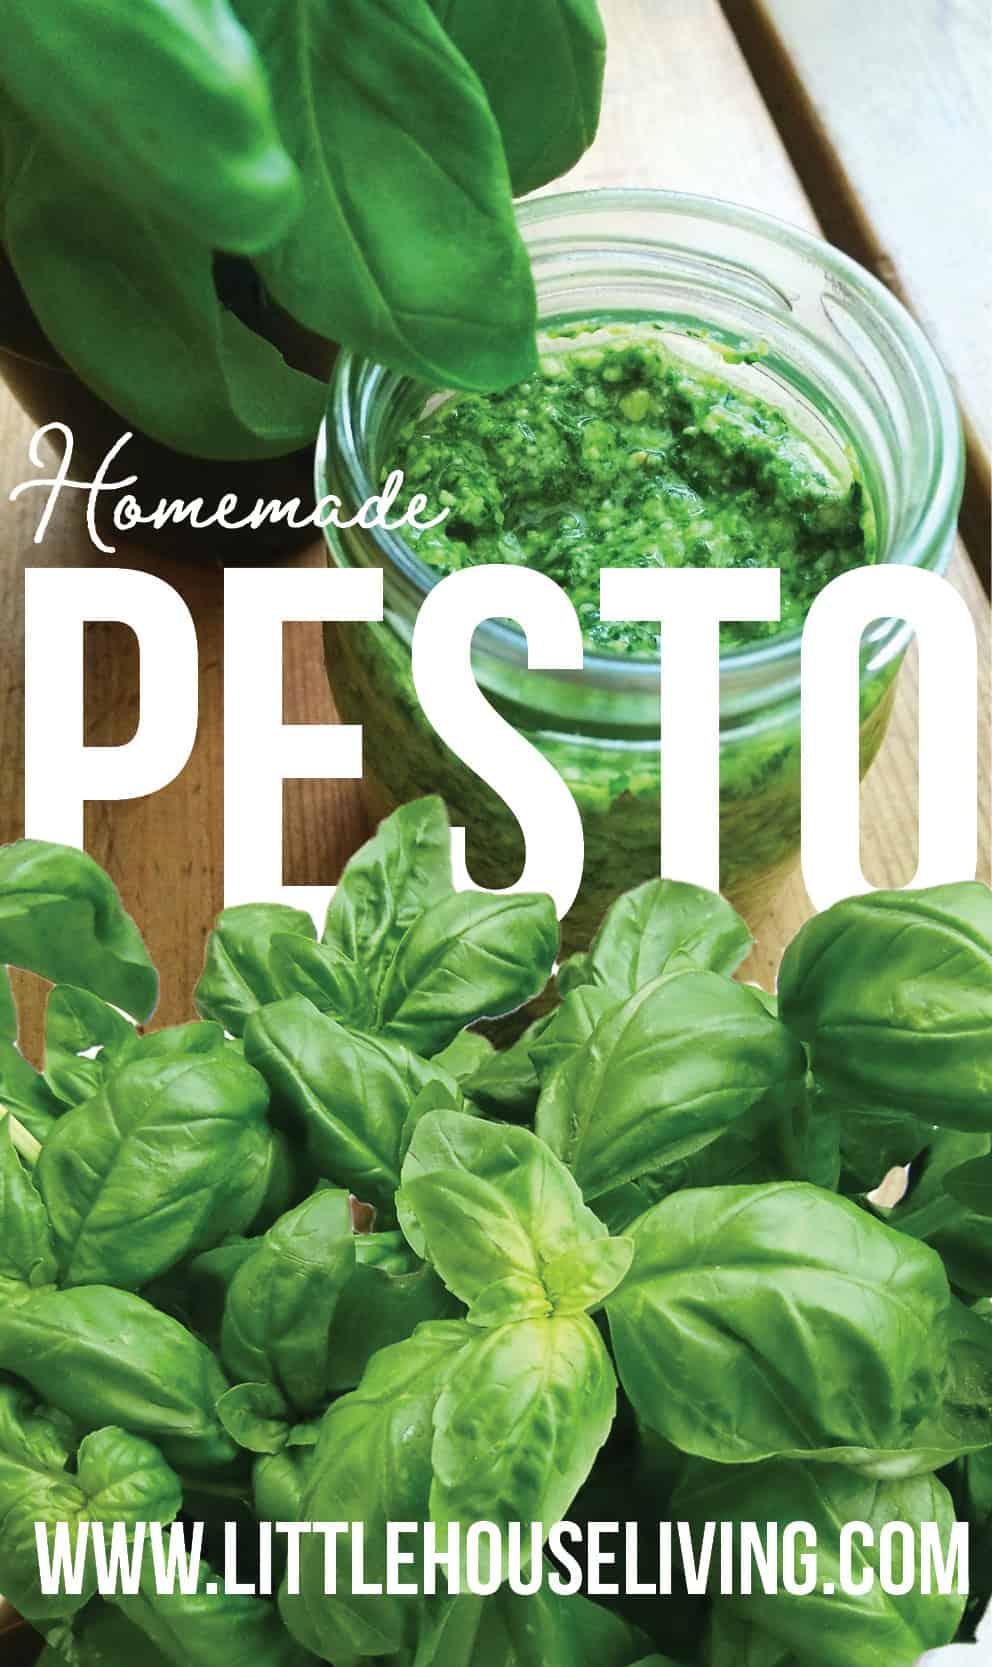 Delicious homemade Pesto recipe you can easily make at home! #pesto #homemadepesto #pestorecipe